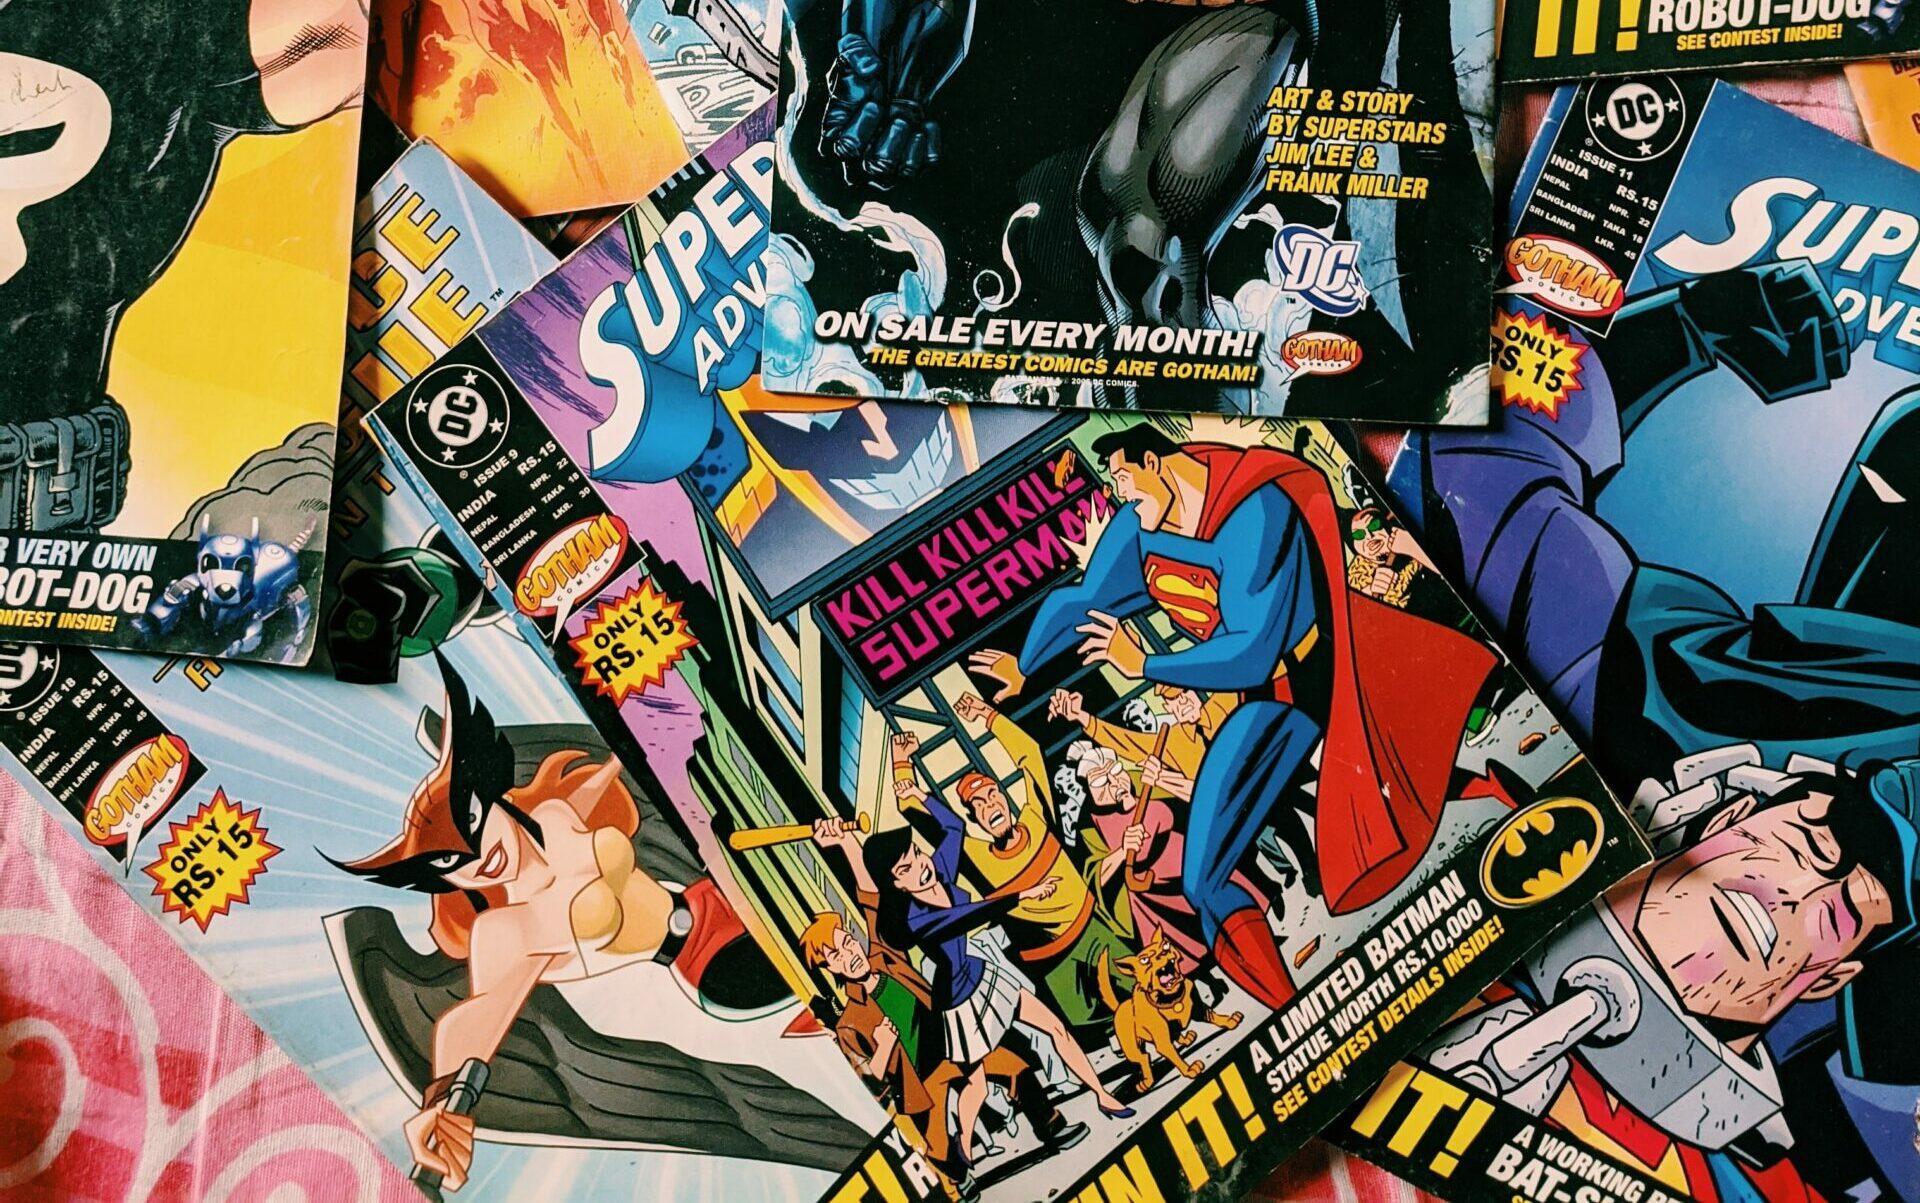 A DC és a Marvel legújabb versenye: ki tud több meleg szuperhőst felmutatni?